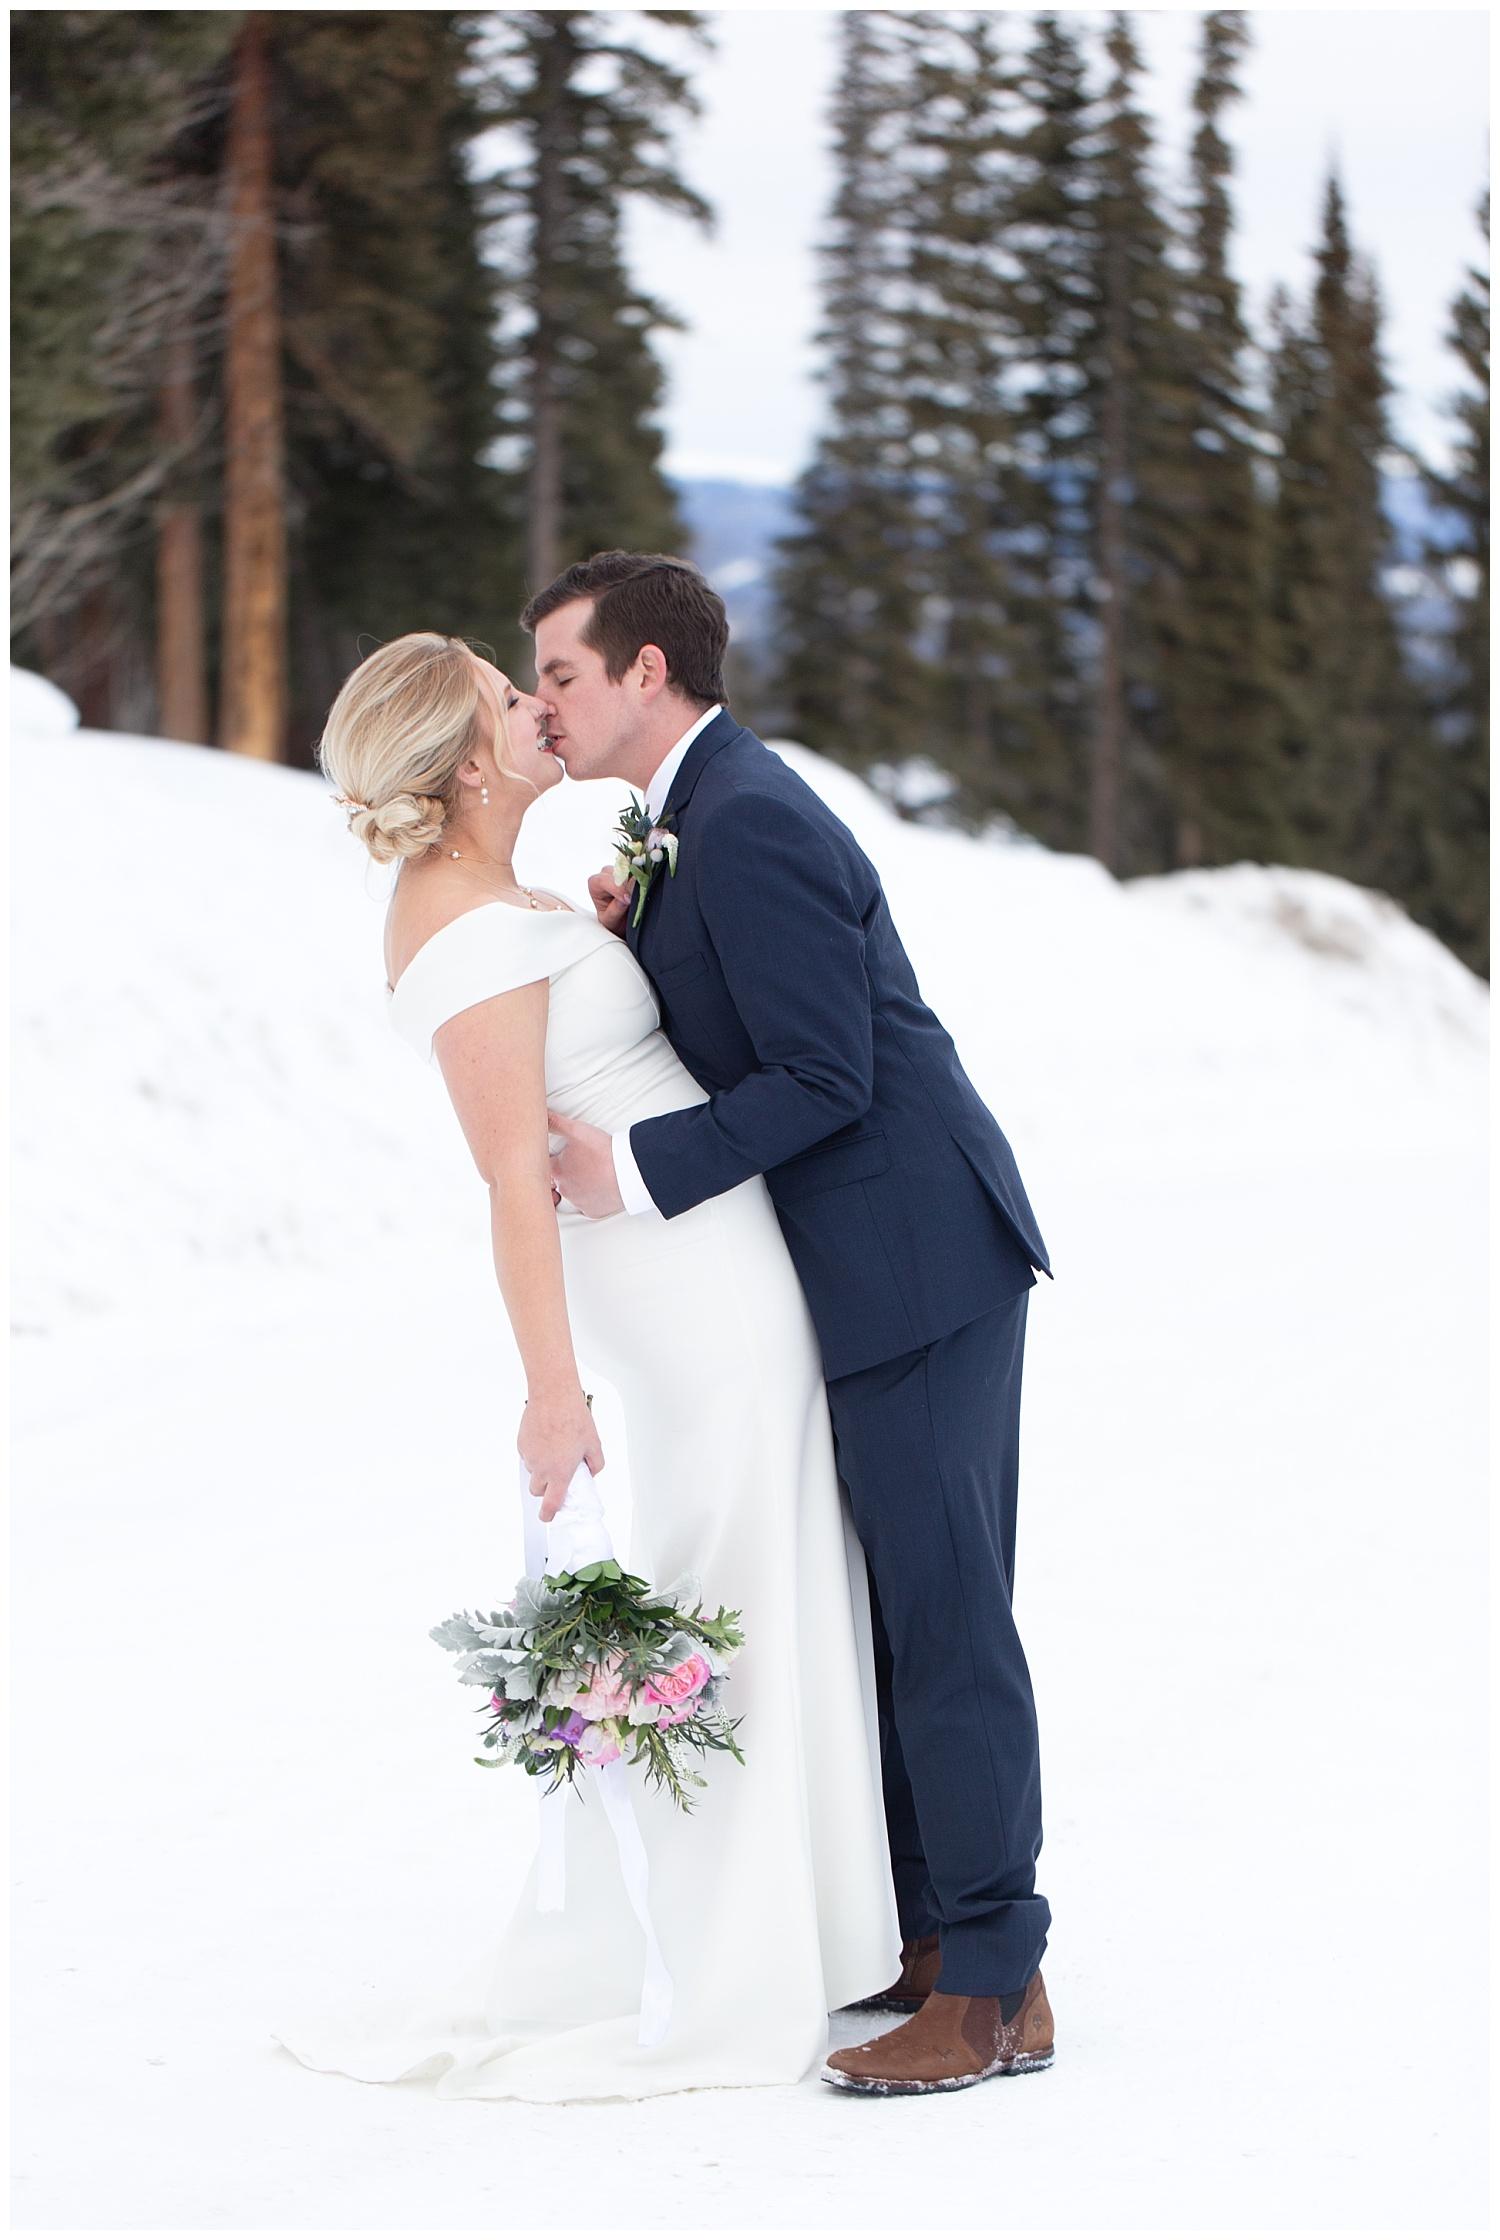 Sapphire-Pointe-Overlook-Winter-Wedding_0034.jpg